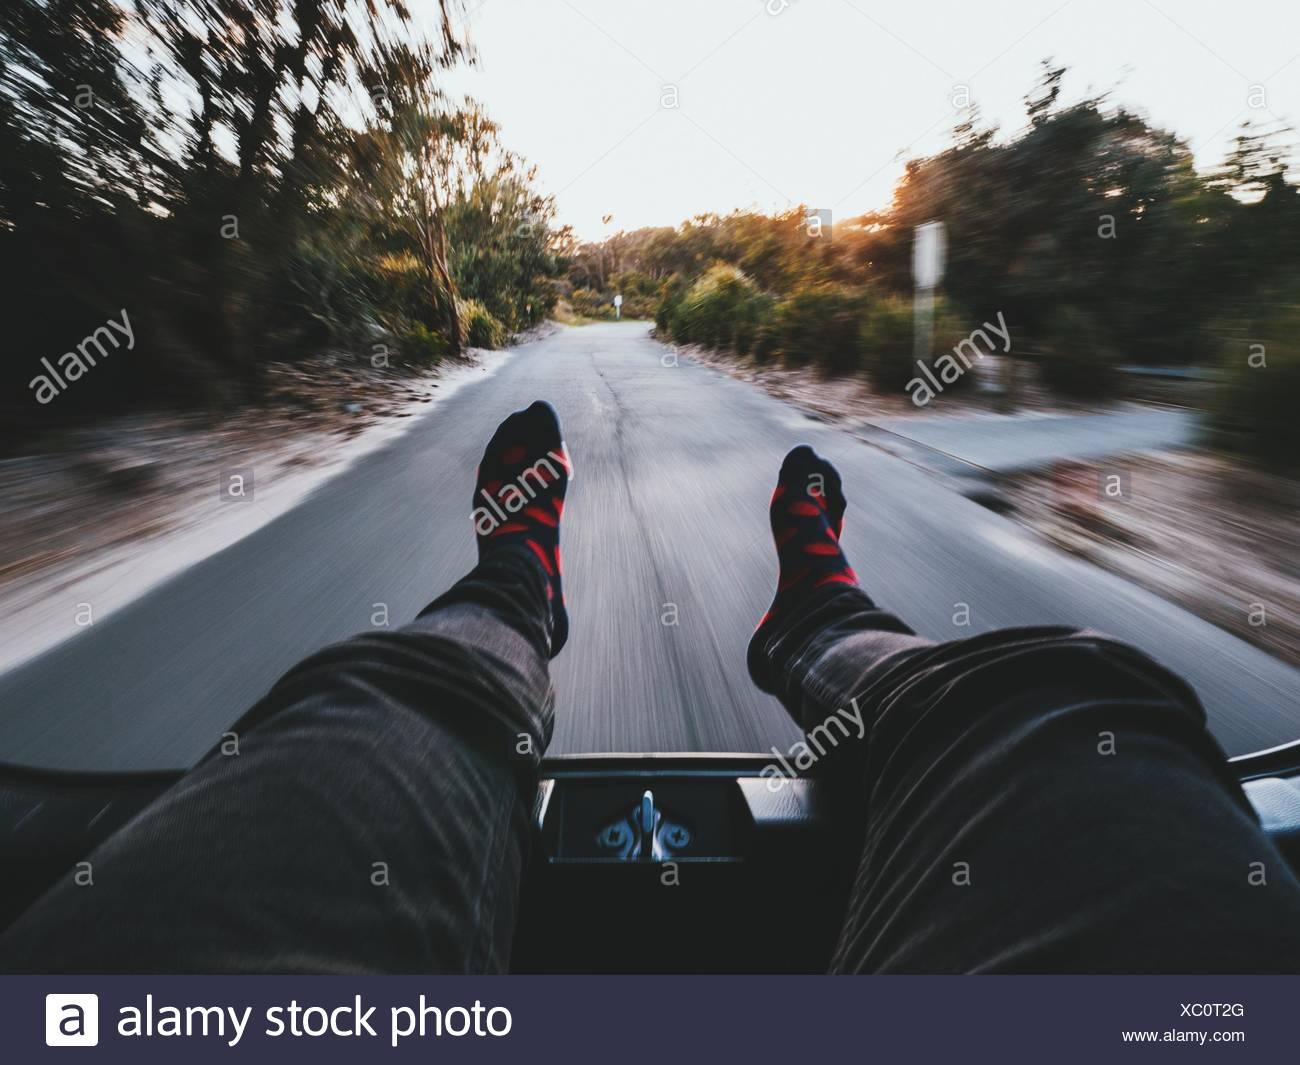 La section basse de la personne en relaxant sur la voiture en mouvement Photo Stock